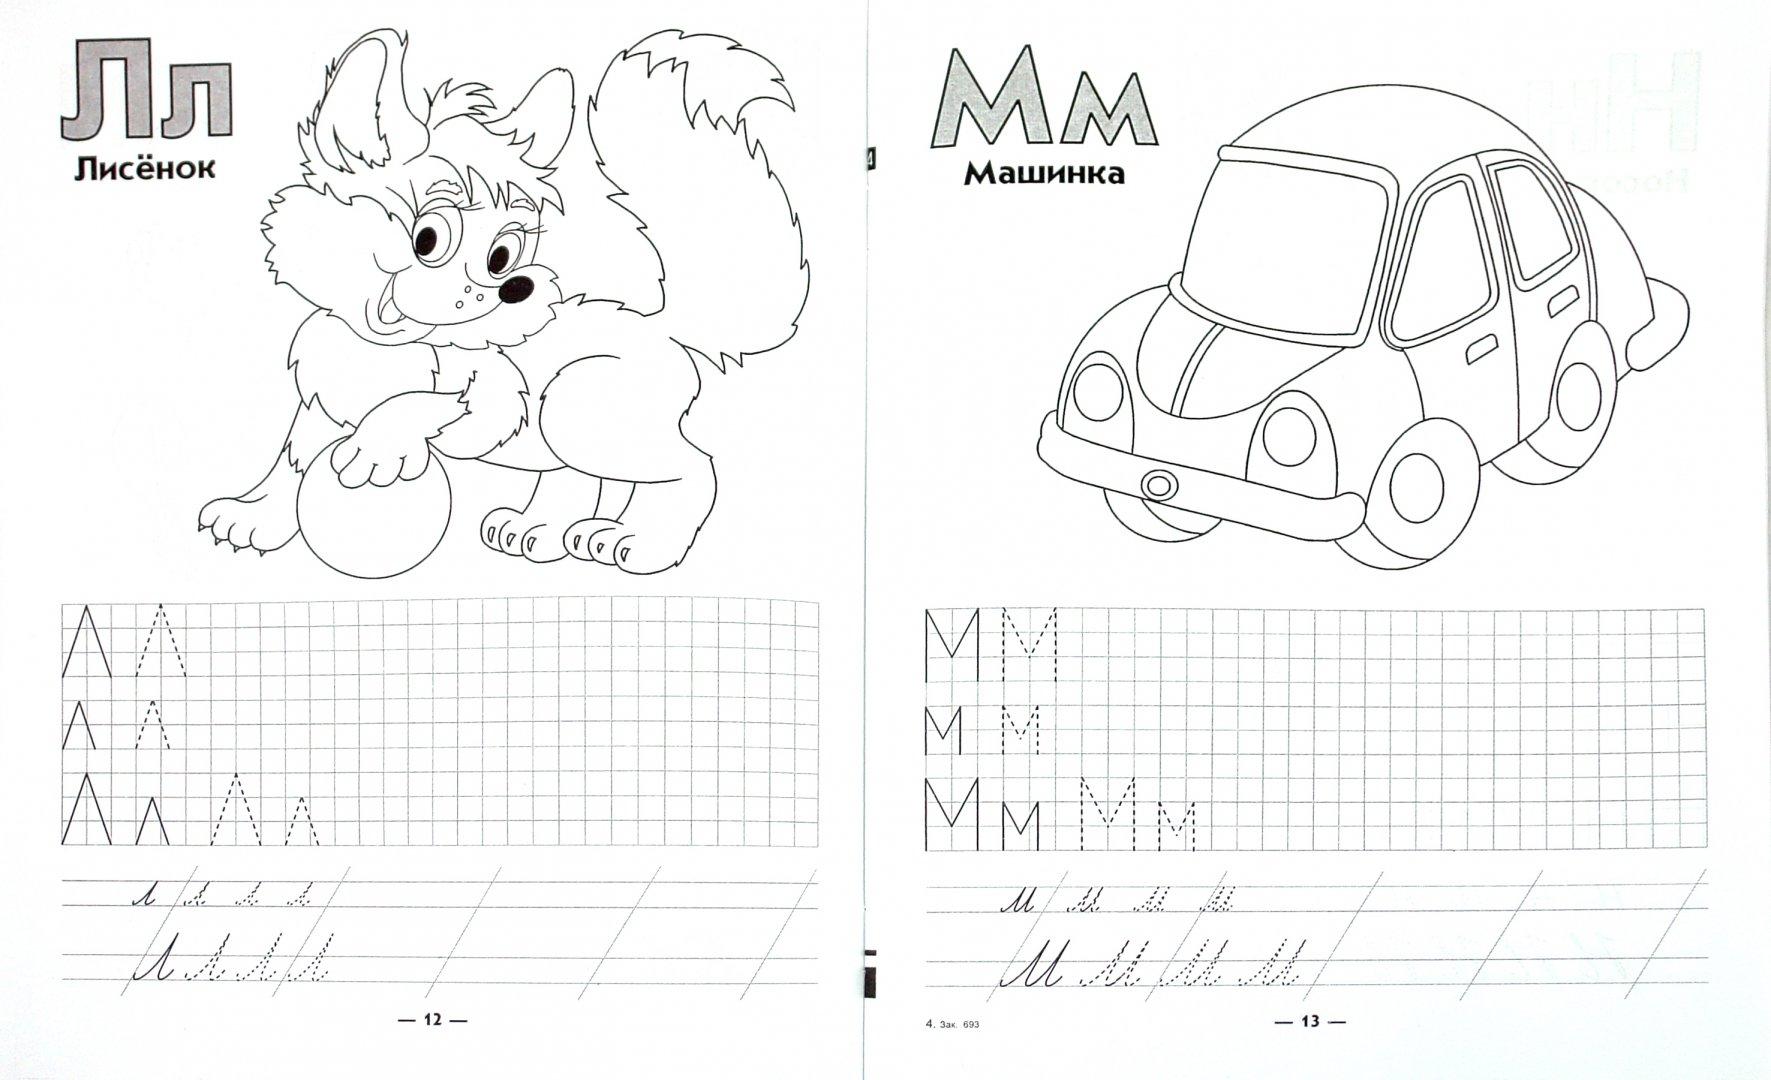 Иллюстрация 1 из 31 для Азбука. Учим буквы, пишем, раскрашиваем | Лабиринт - книги. Источник: Лабиринт